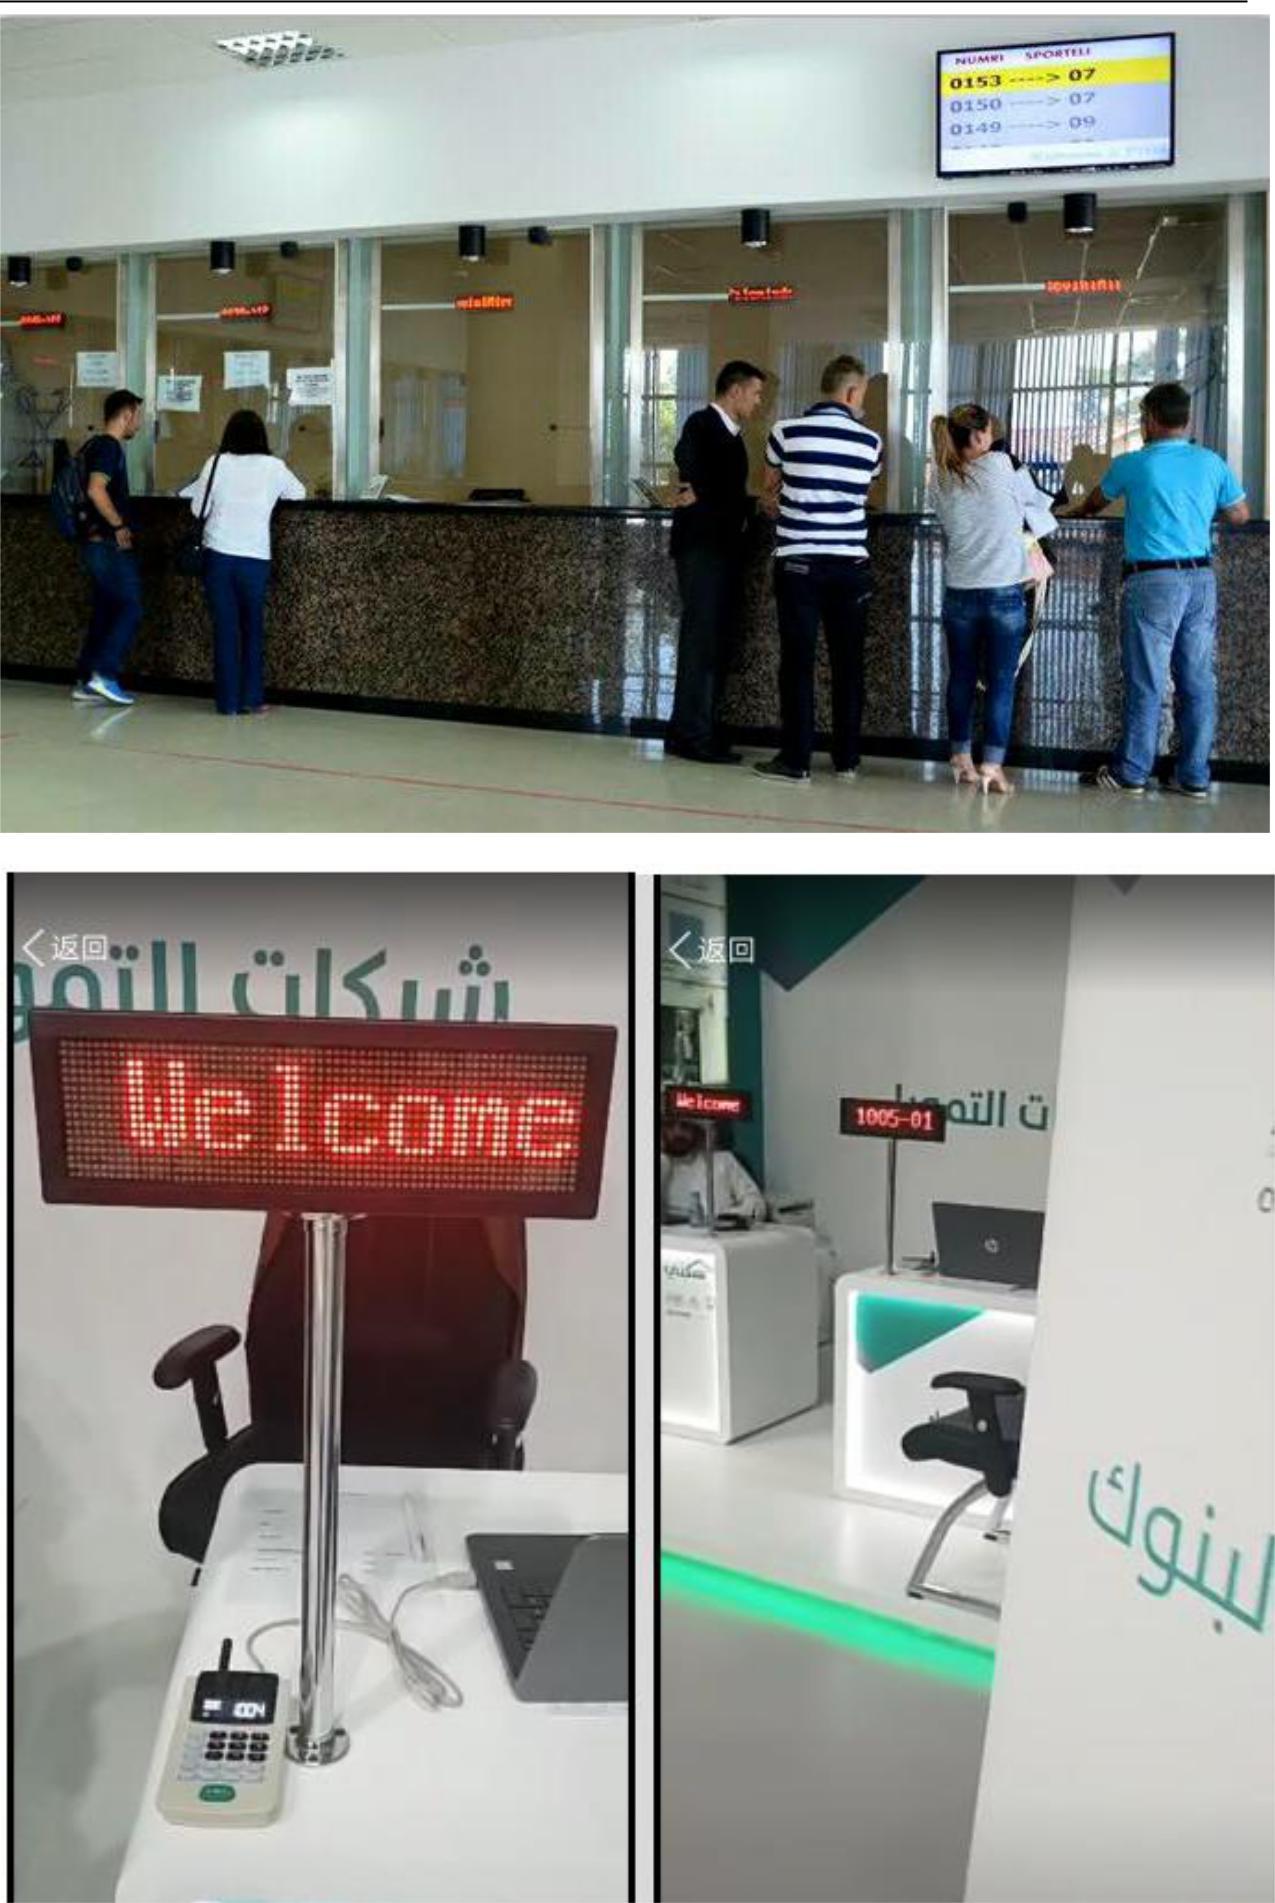 نظام ادارة طوابير العملاء واجهزة الدور لتنظيم سير انتظار الزبائن 11